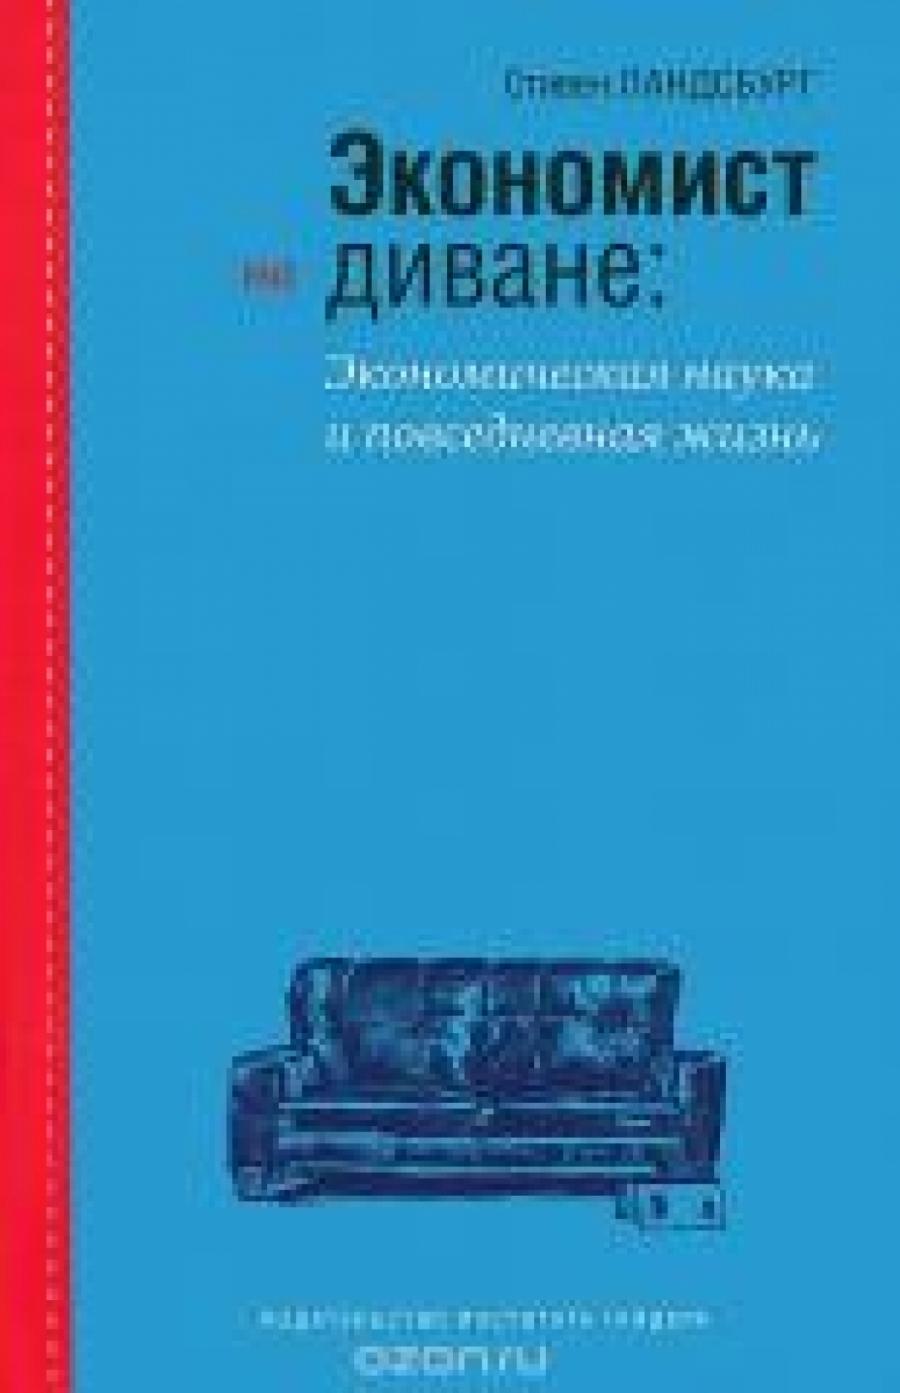 Обложка книги:  ландсбург с. - экономист на диване. экономическая наука и повседневная жизнь